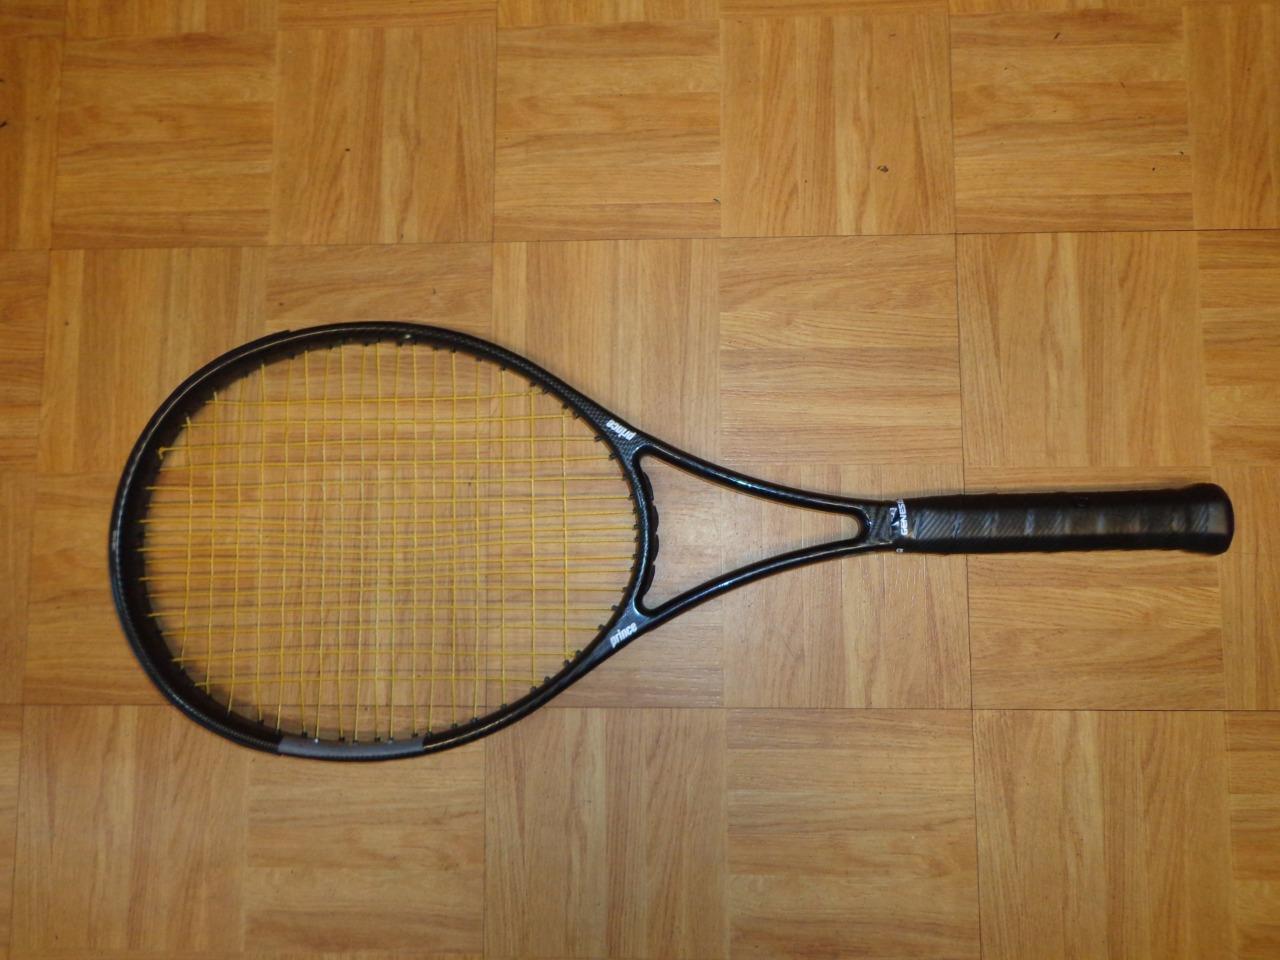 Prince Vortex Midplus 4 1/2 grip Tennis Racquet Racquet Racquet 52f552